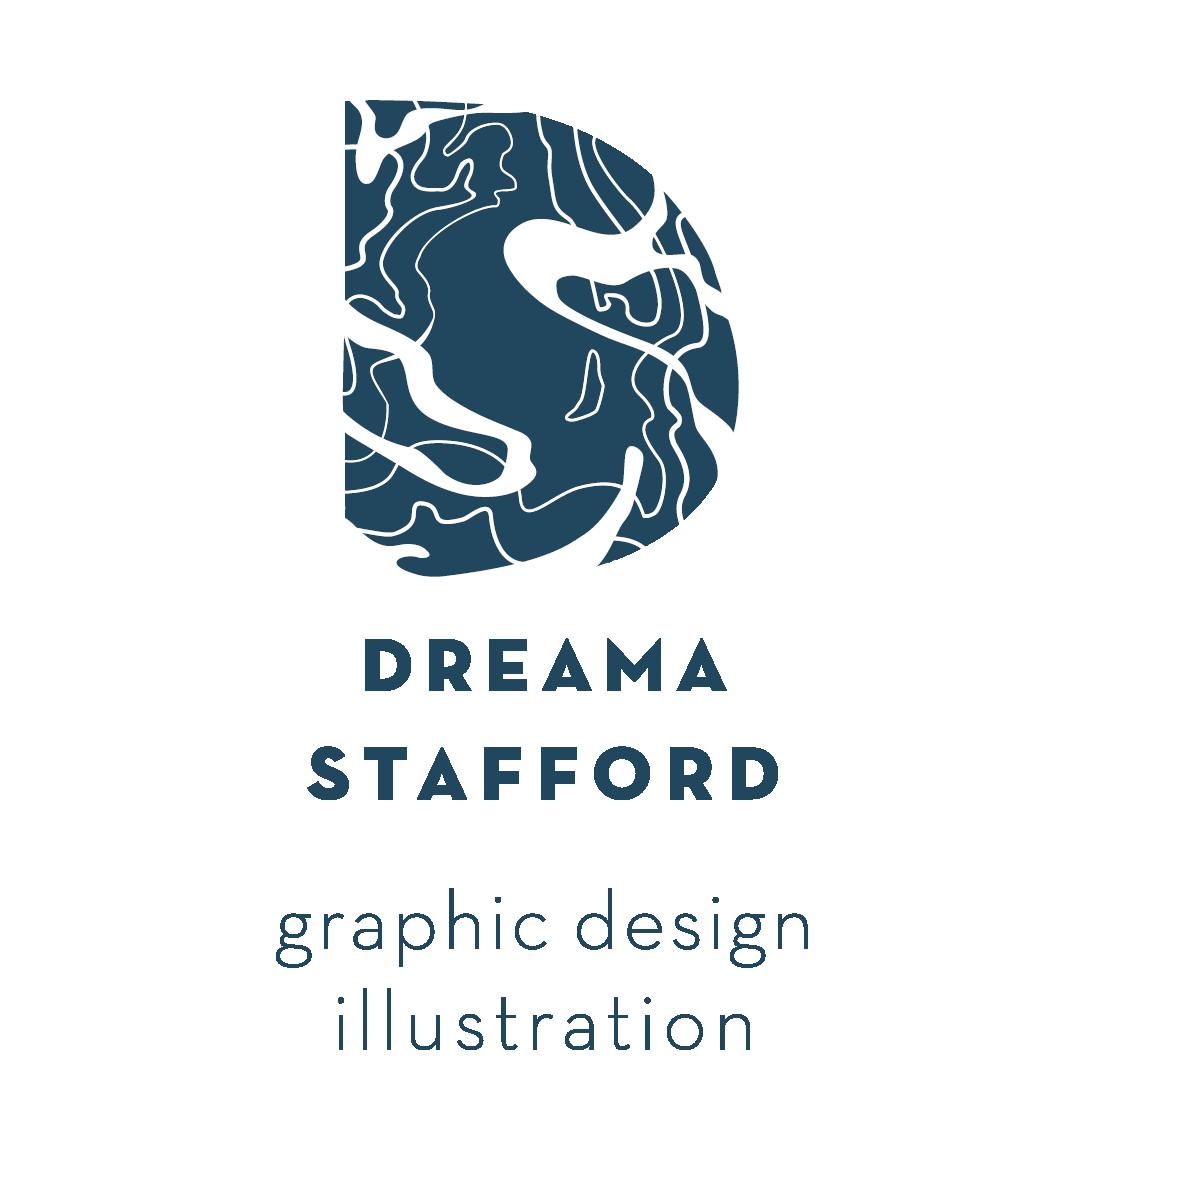 Dreama Stafford